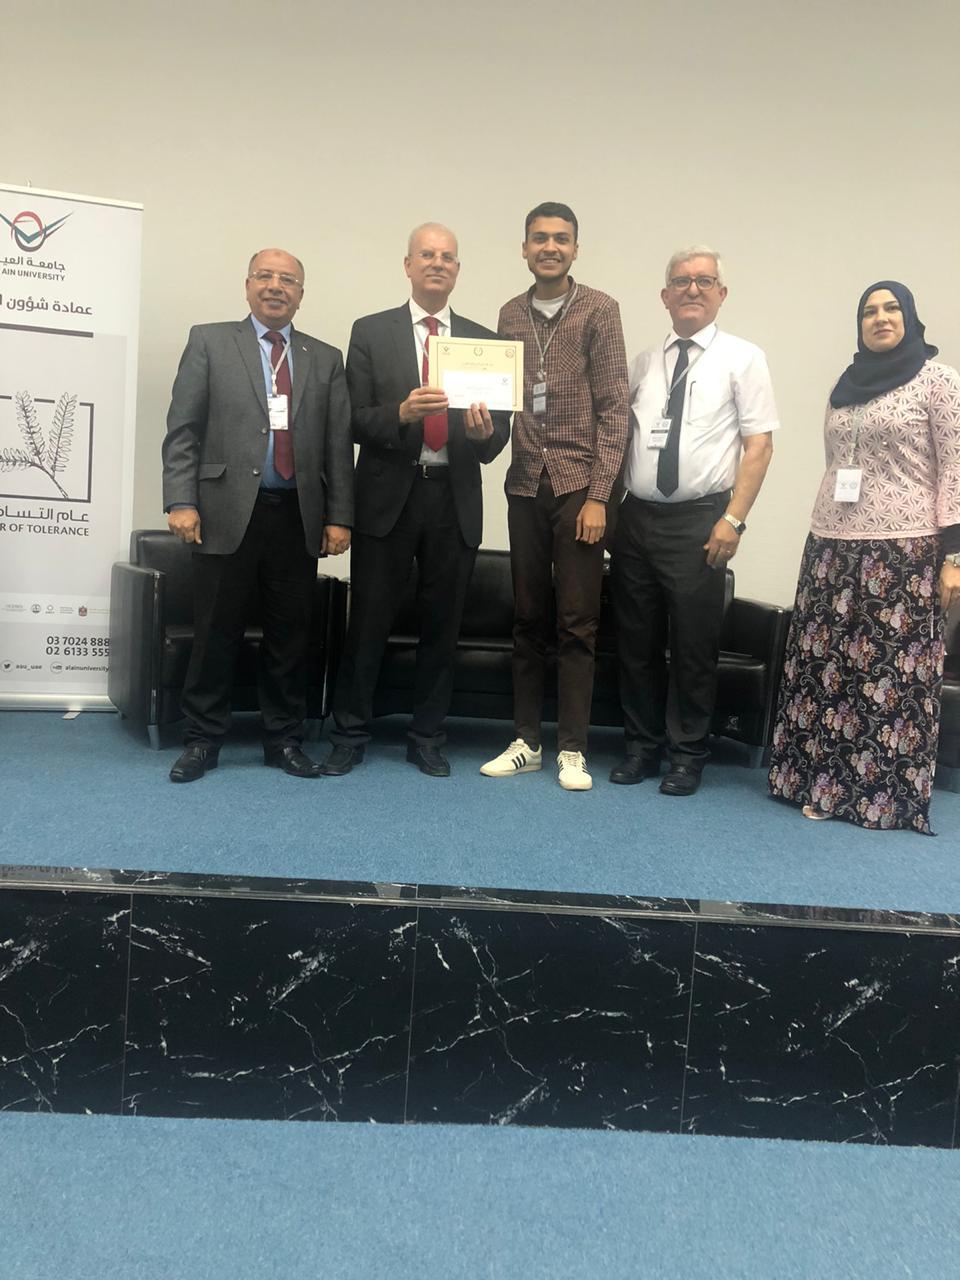 جامعة الفيوم تفوز بالمركز الثالث في البحث العلمي (3)